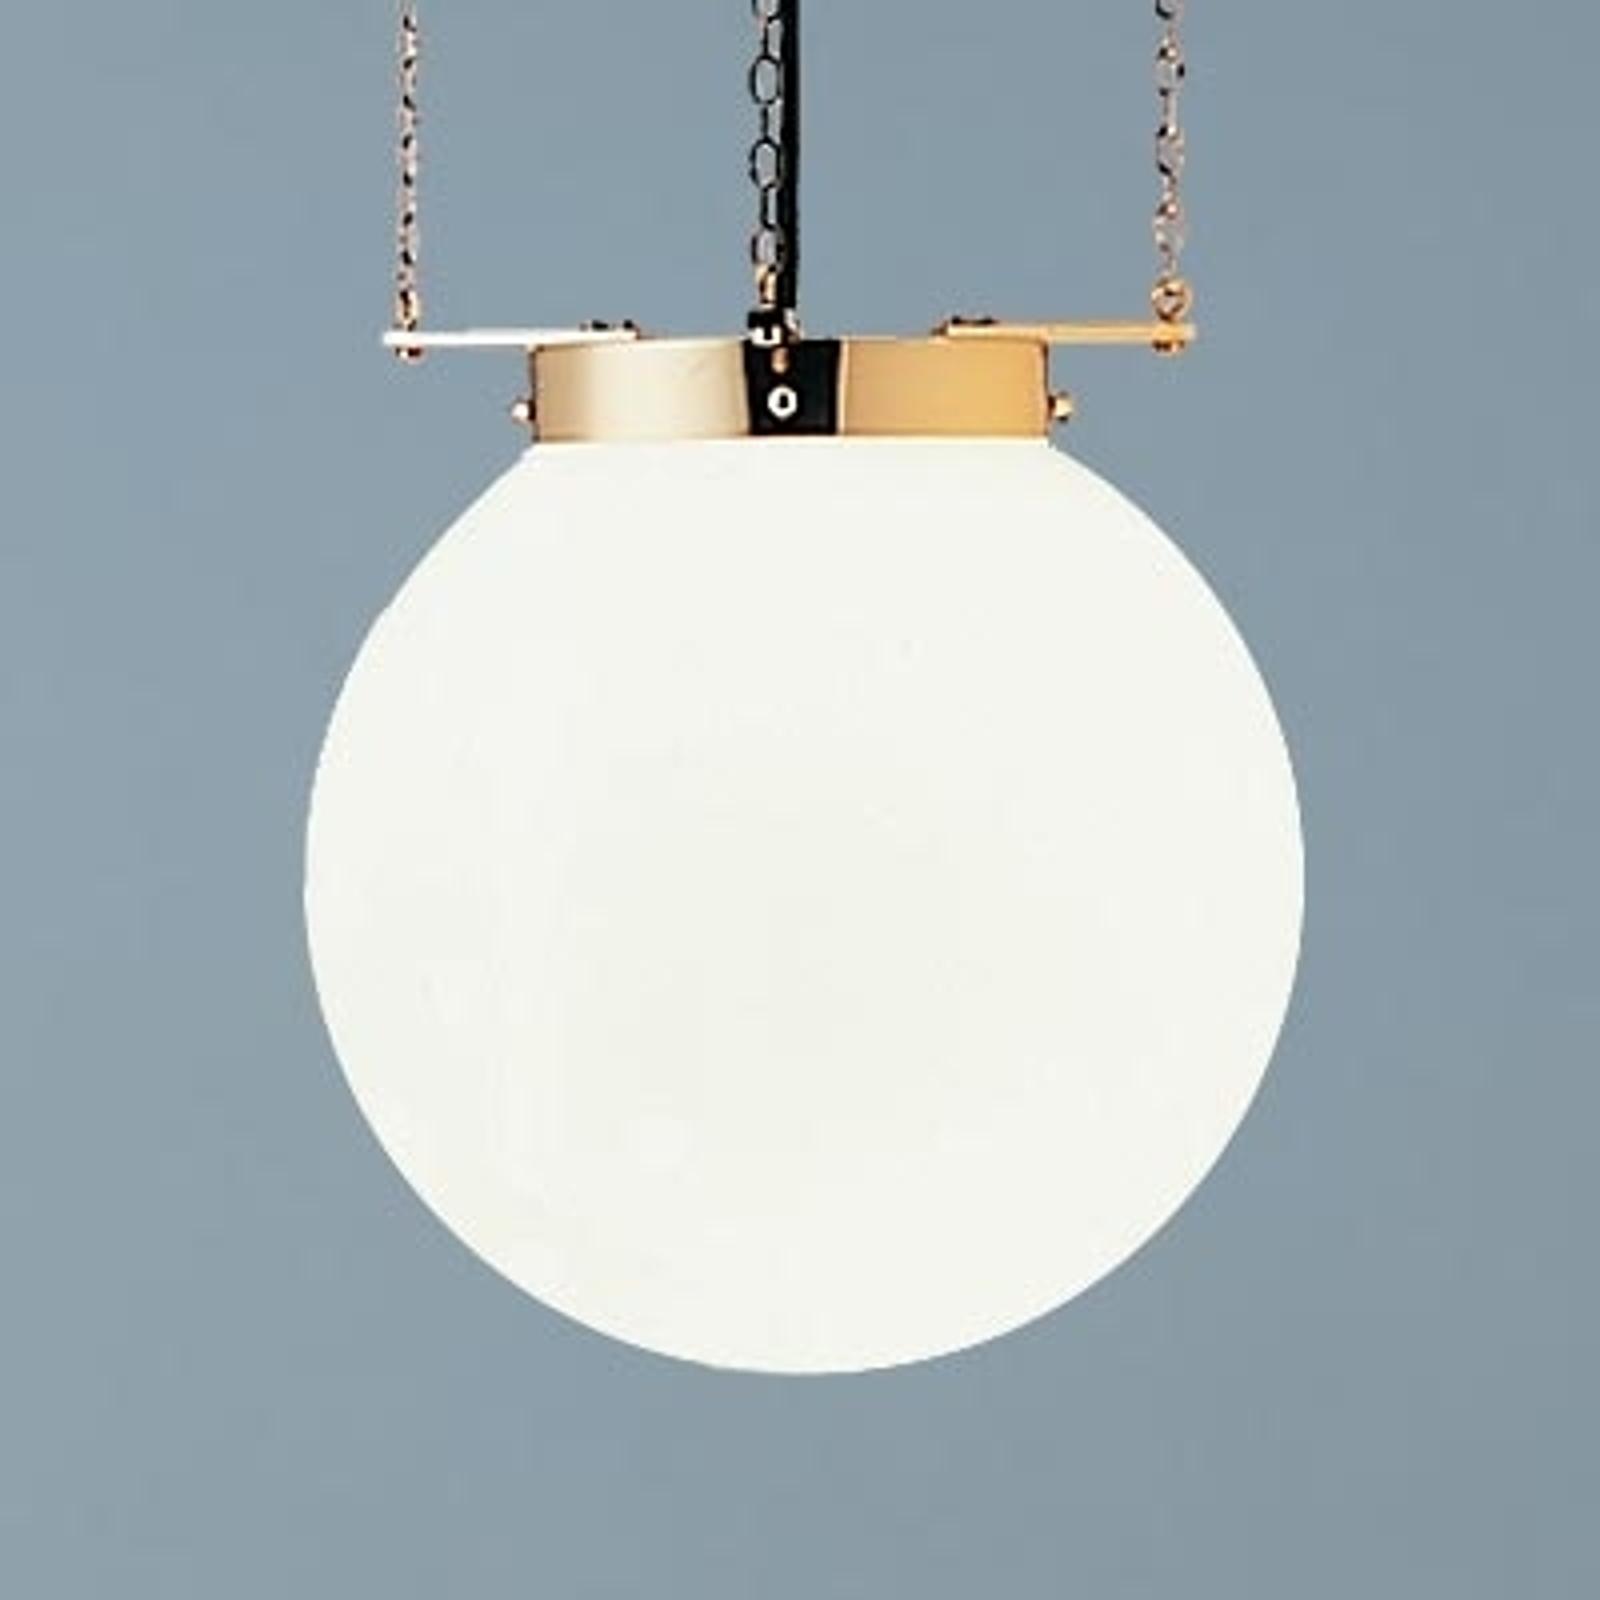 Hanglamp in Bauhaus-stijl, messing, 30 cm